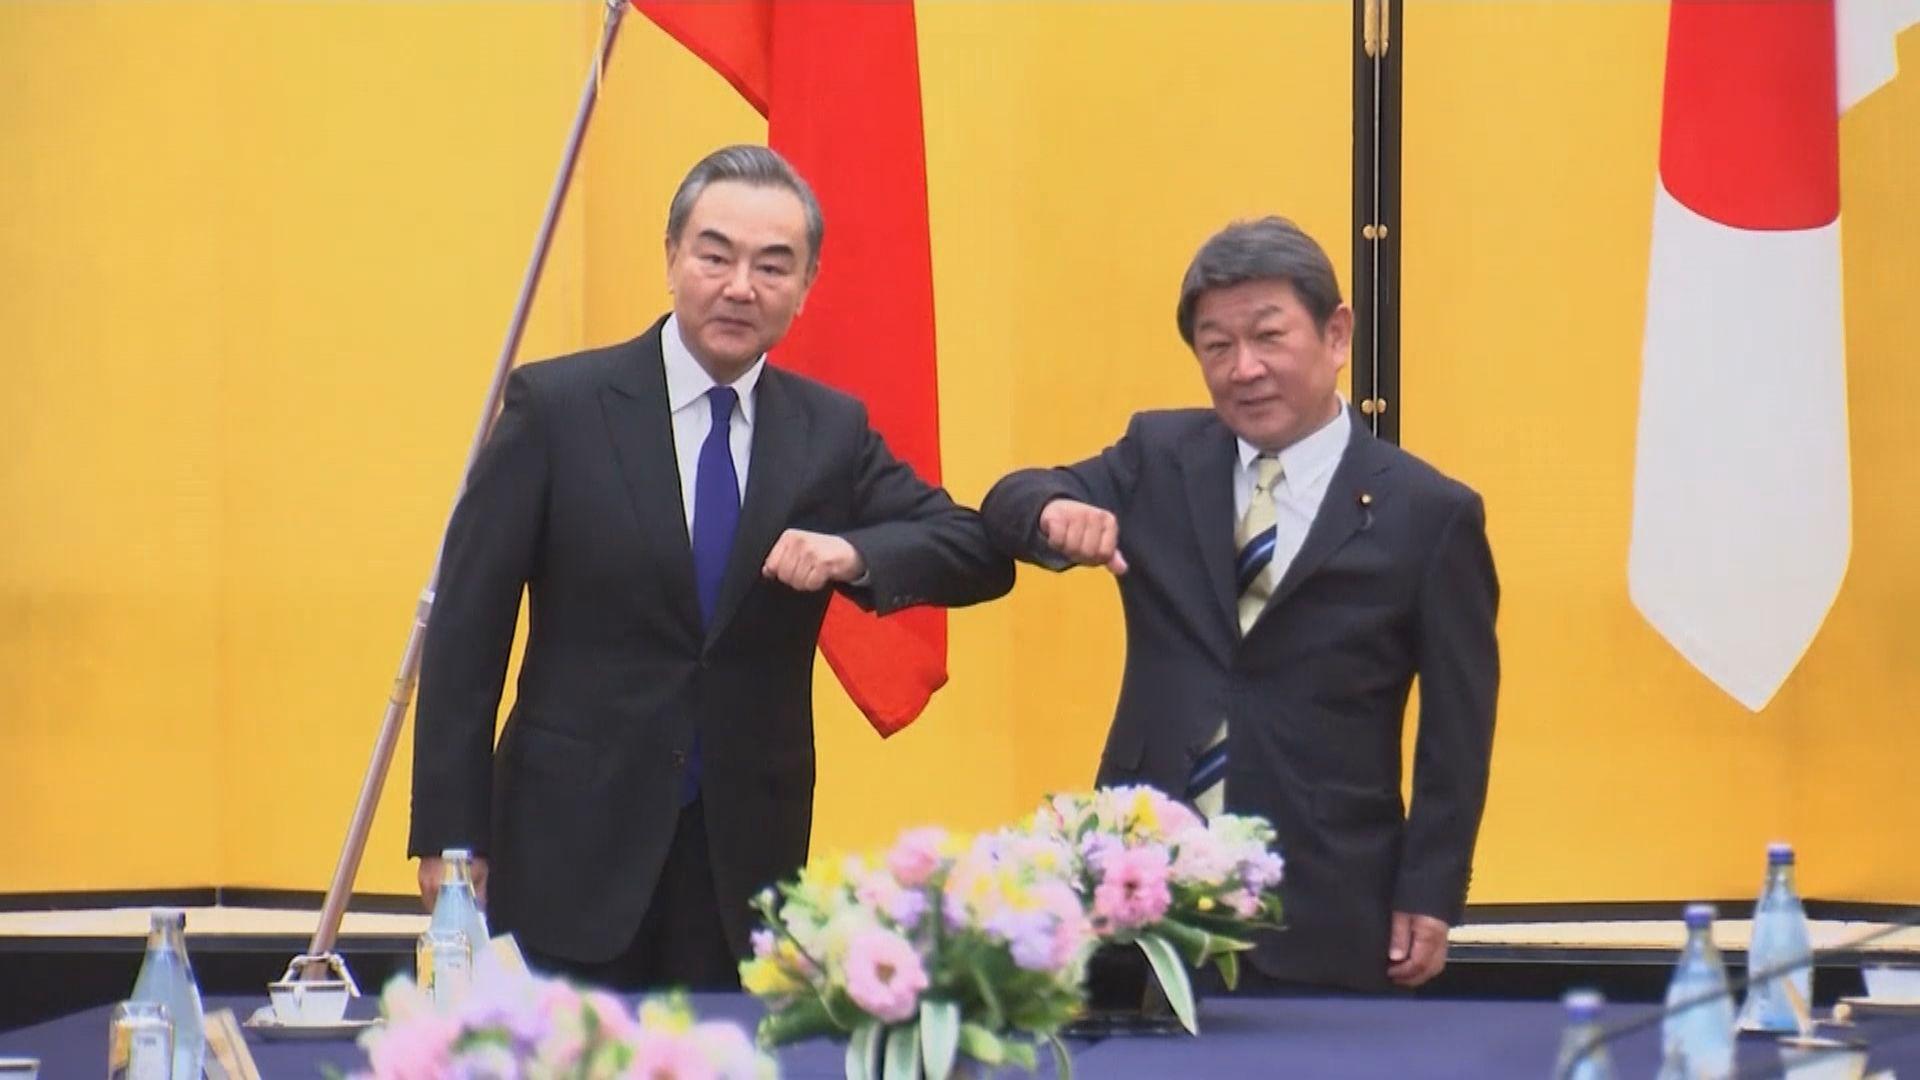 分析指中國希望加強與日韓關係抗衡美國